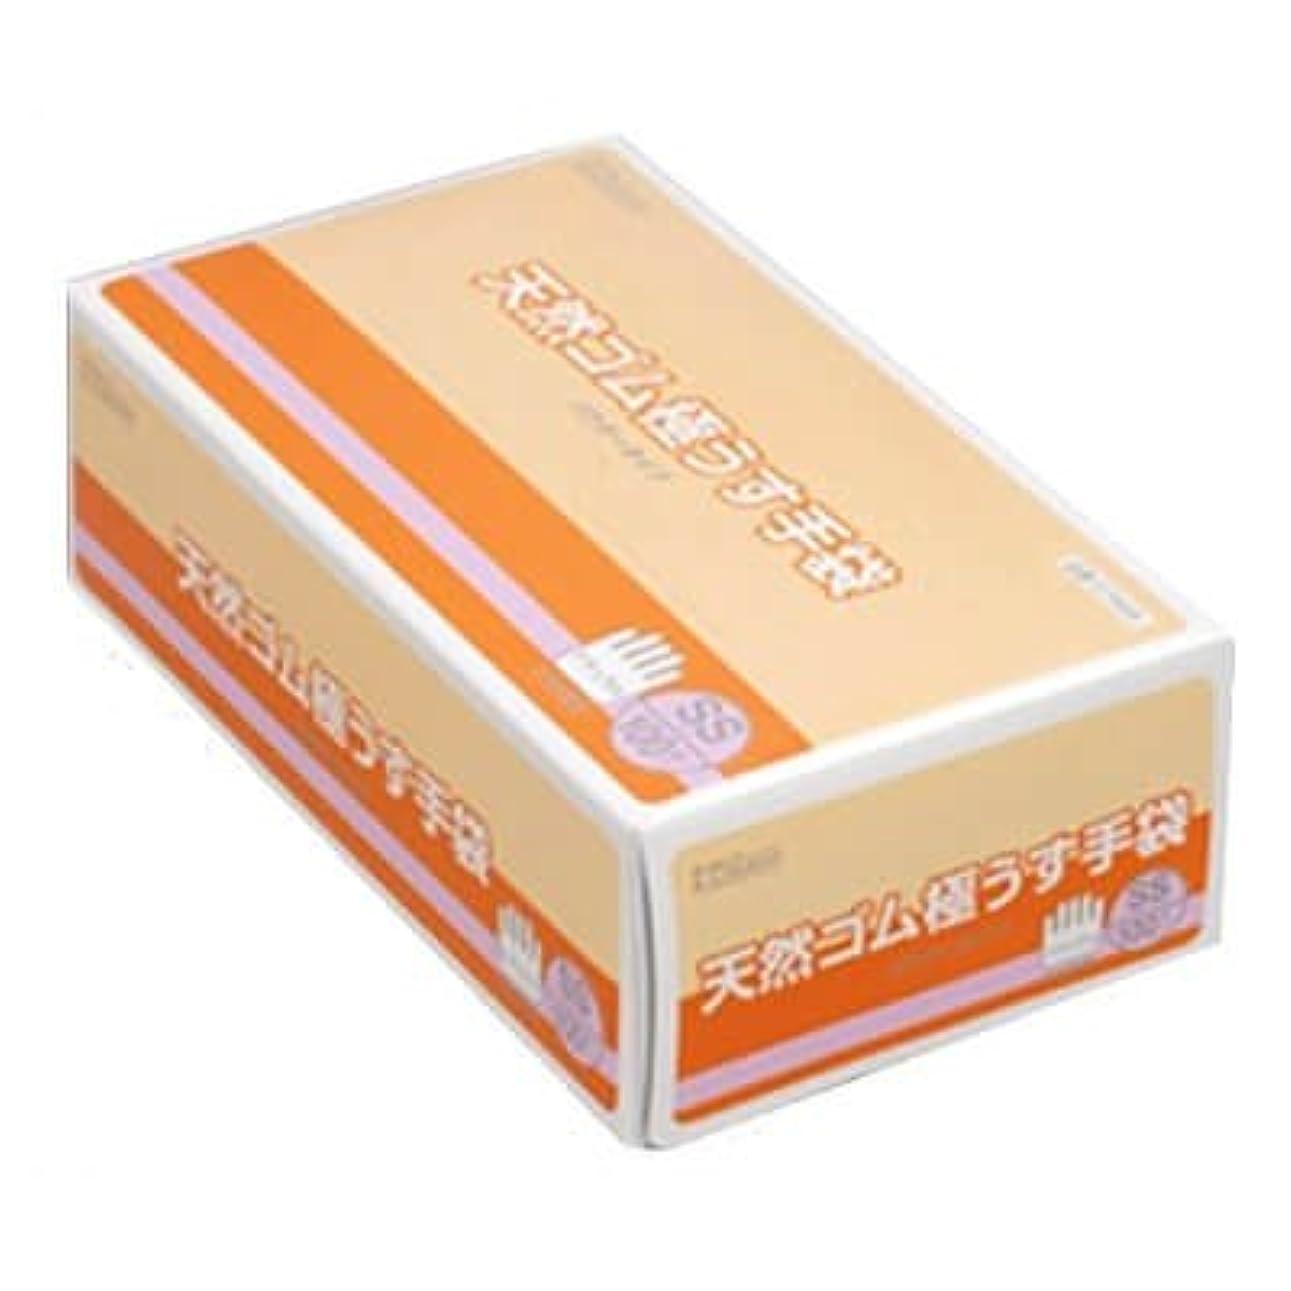 耳好きである味わう【ケース販売】 ダンロップ 天然ゴム極うす手袋 SS ナチュラル (100枚入×20箱)